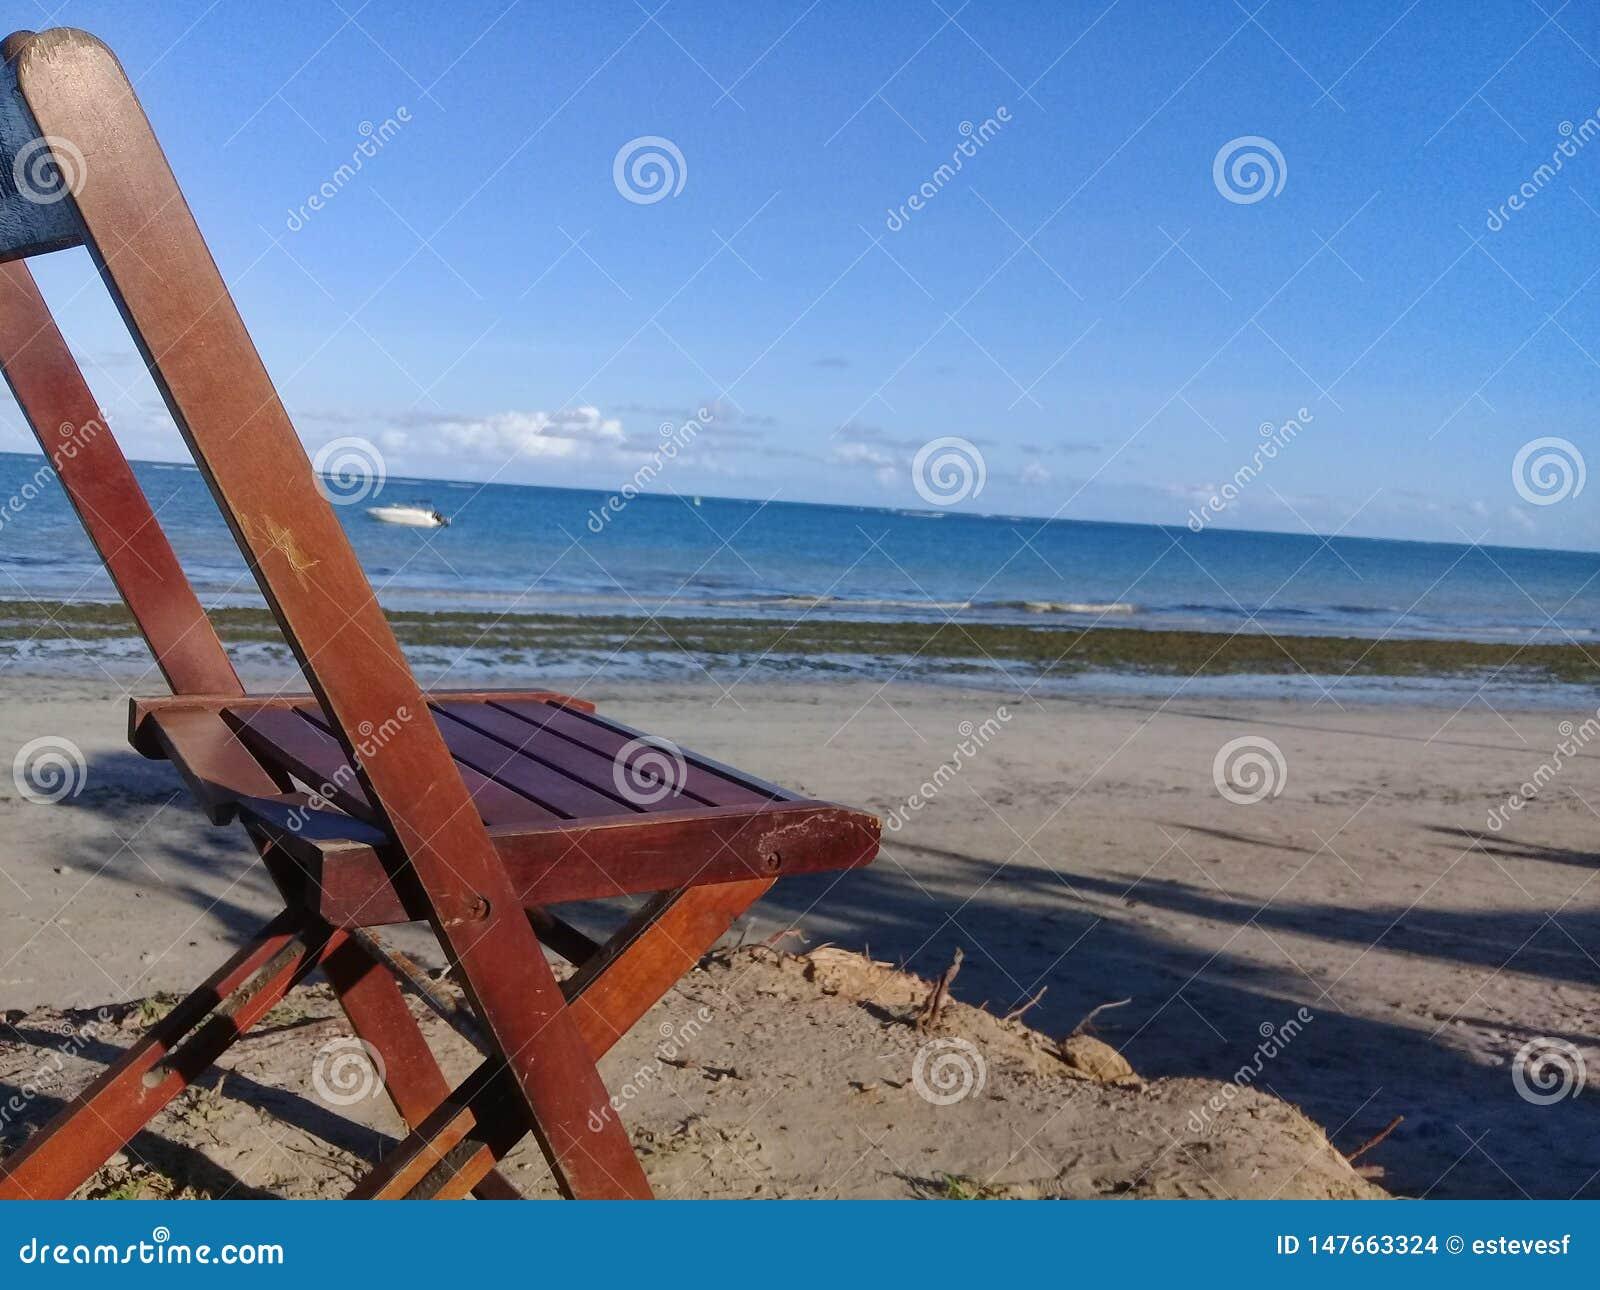 Σπασμένη καρέκλα στην παραλία και μια βάρκα πίσω